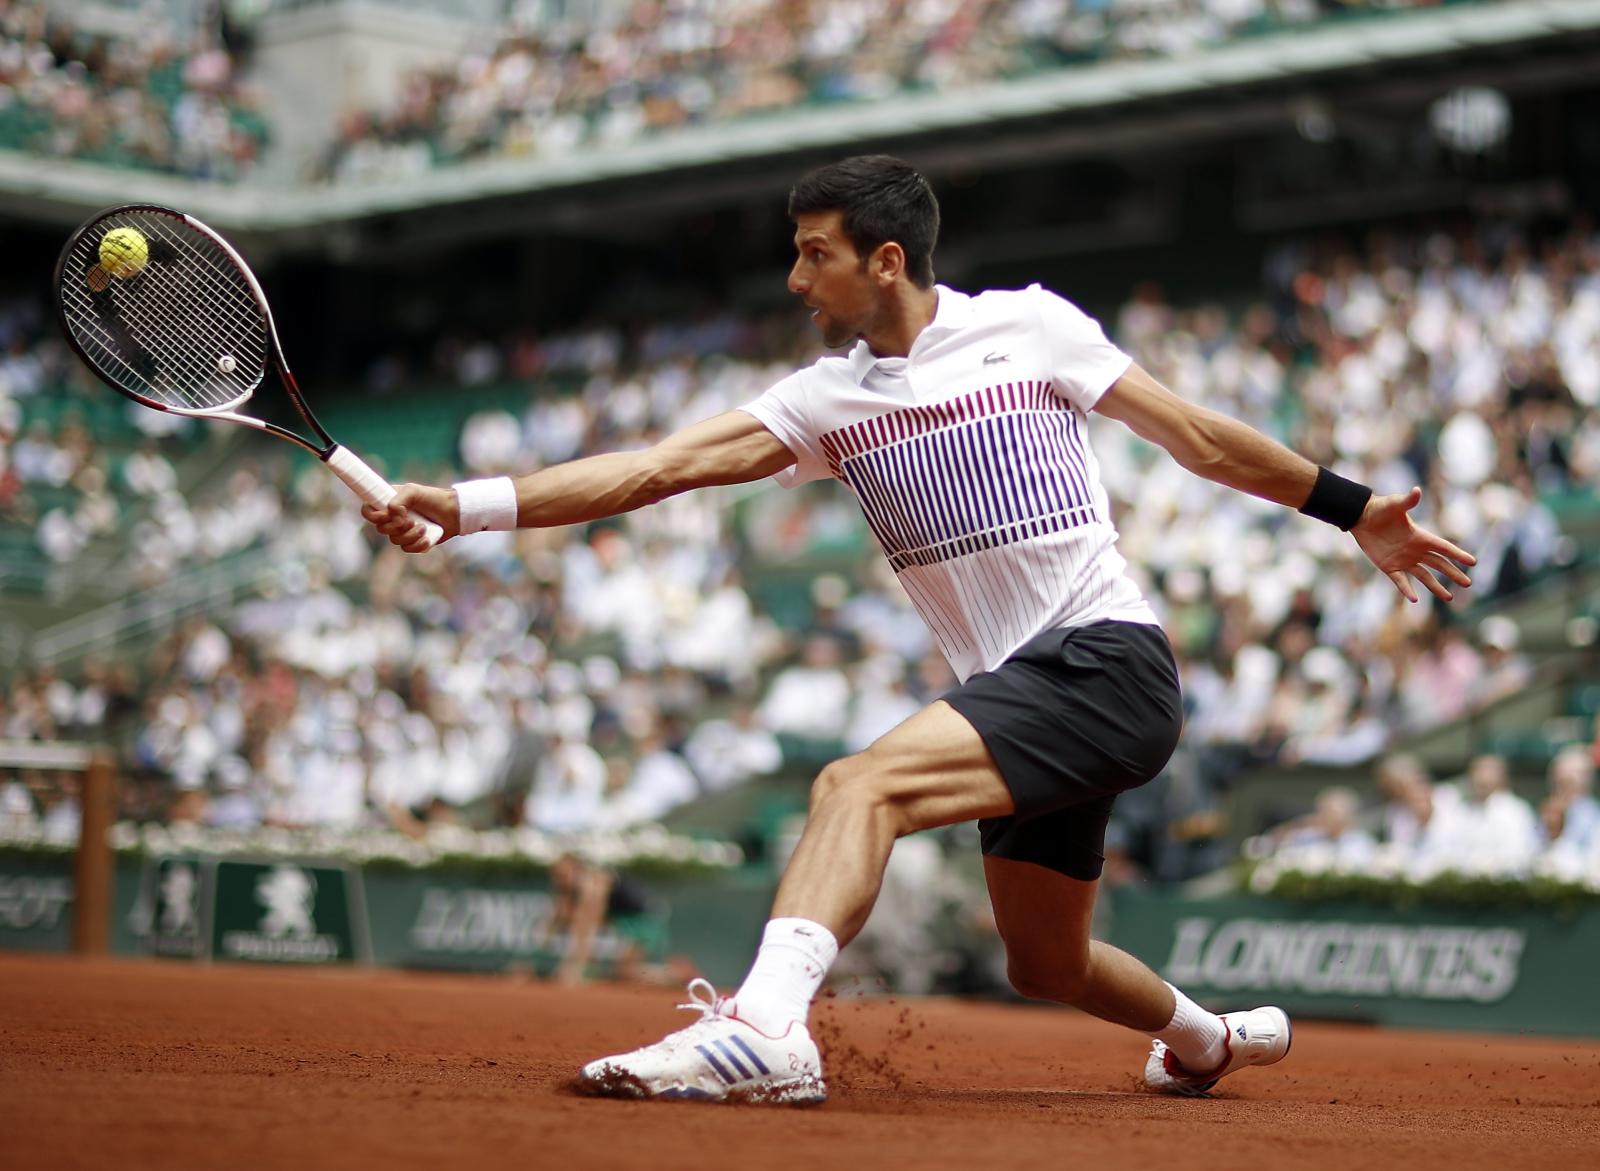 French Open. fot. EPA/YOAN VALAT